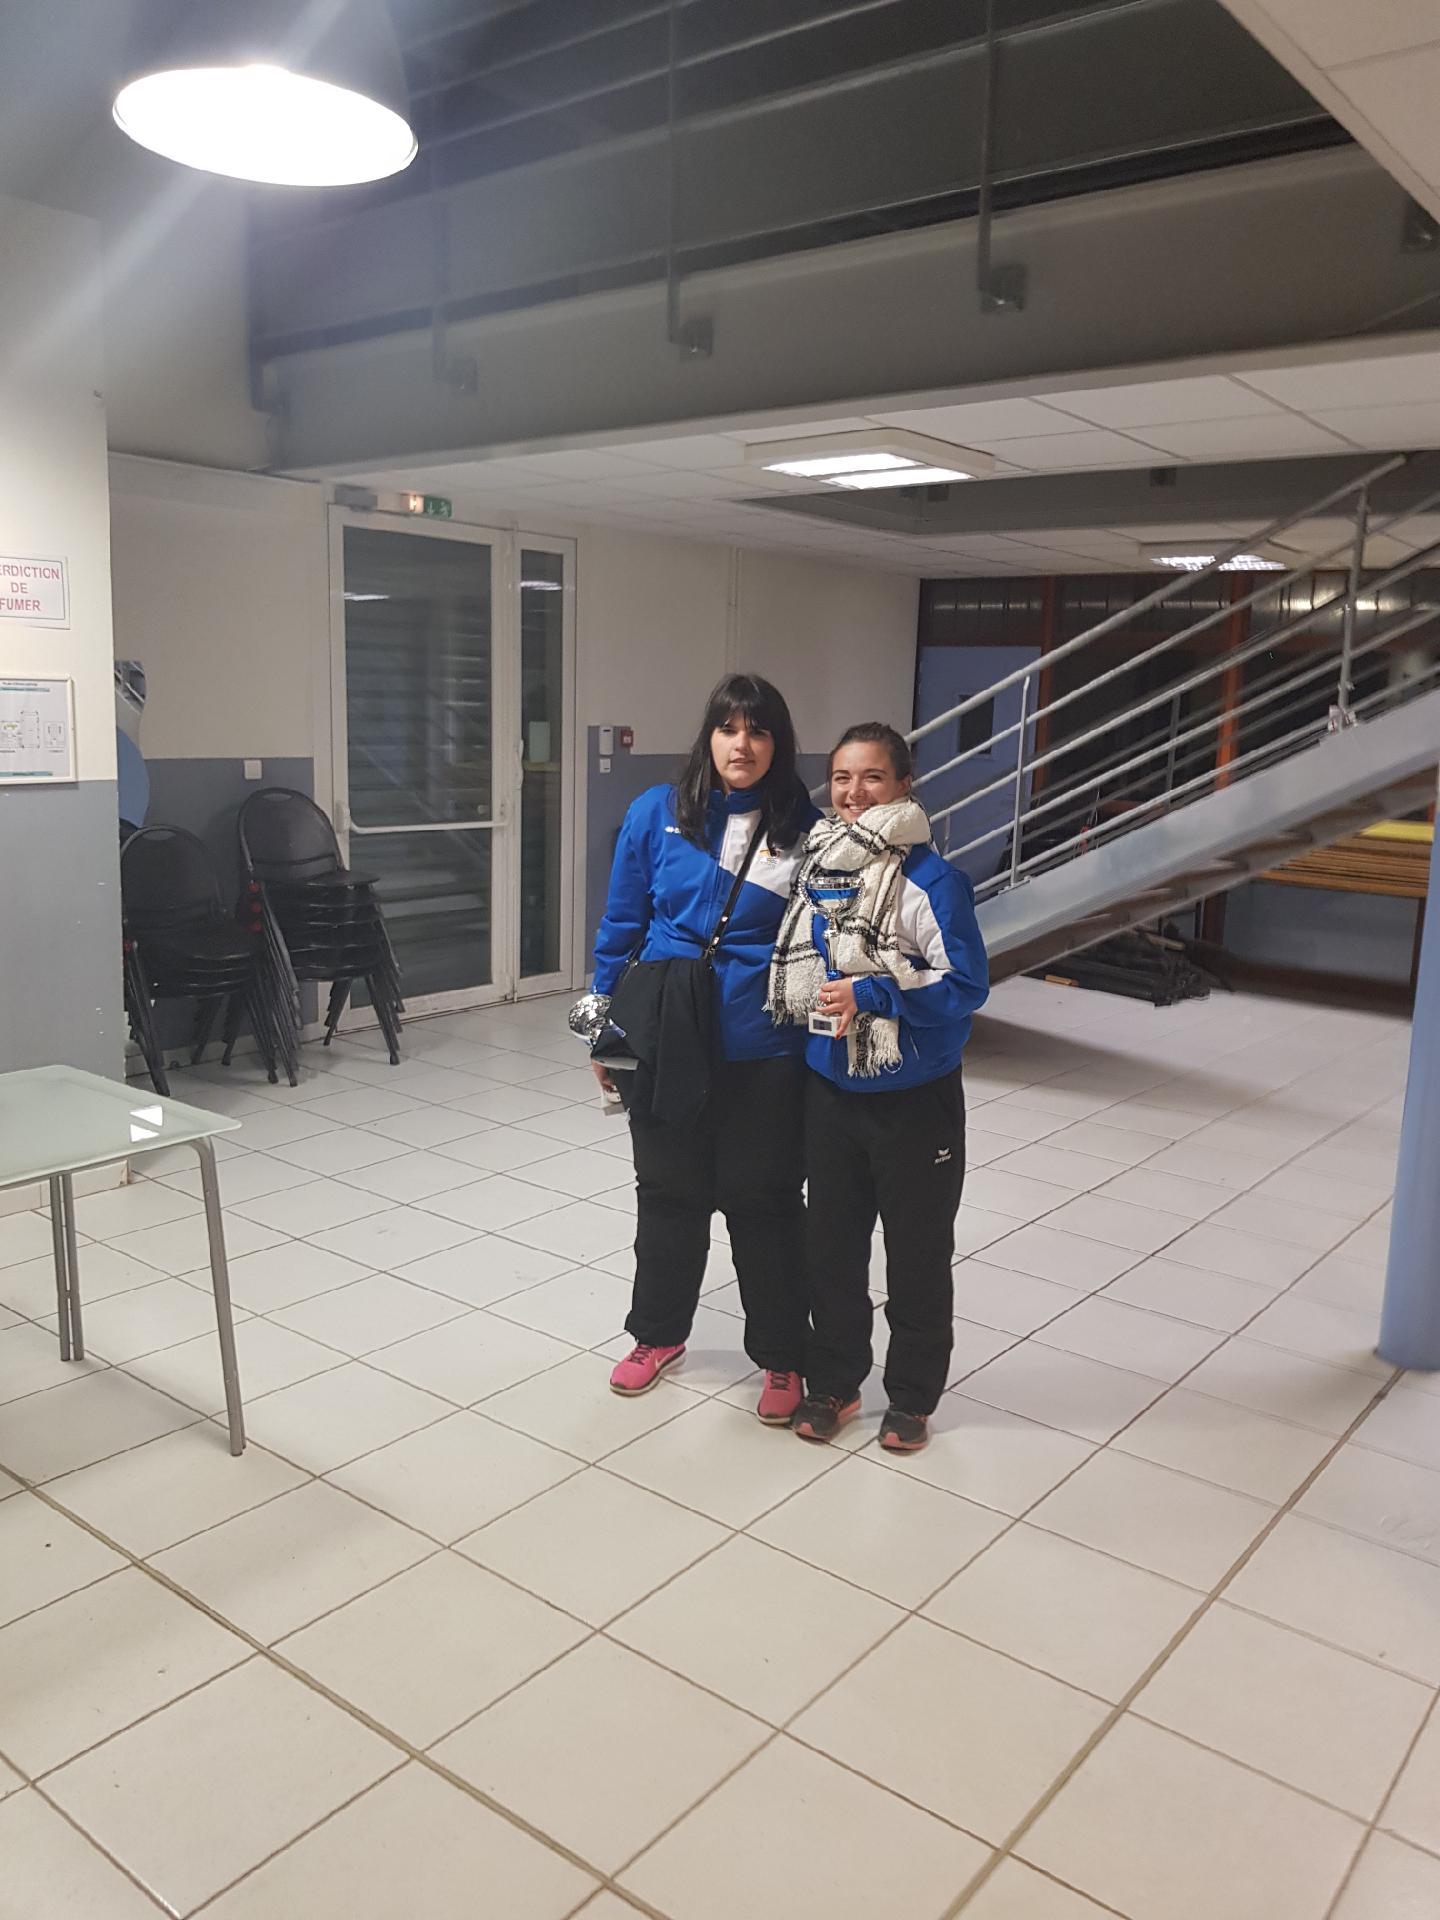 Equipe championne cazorla navarro